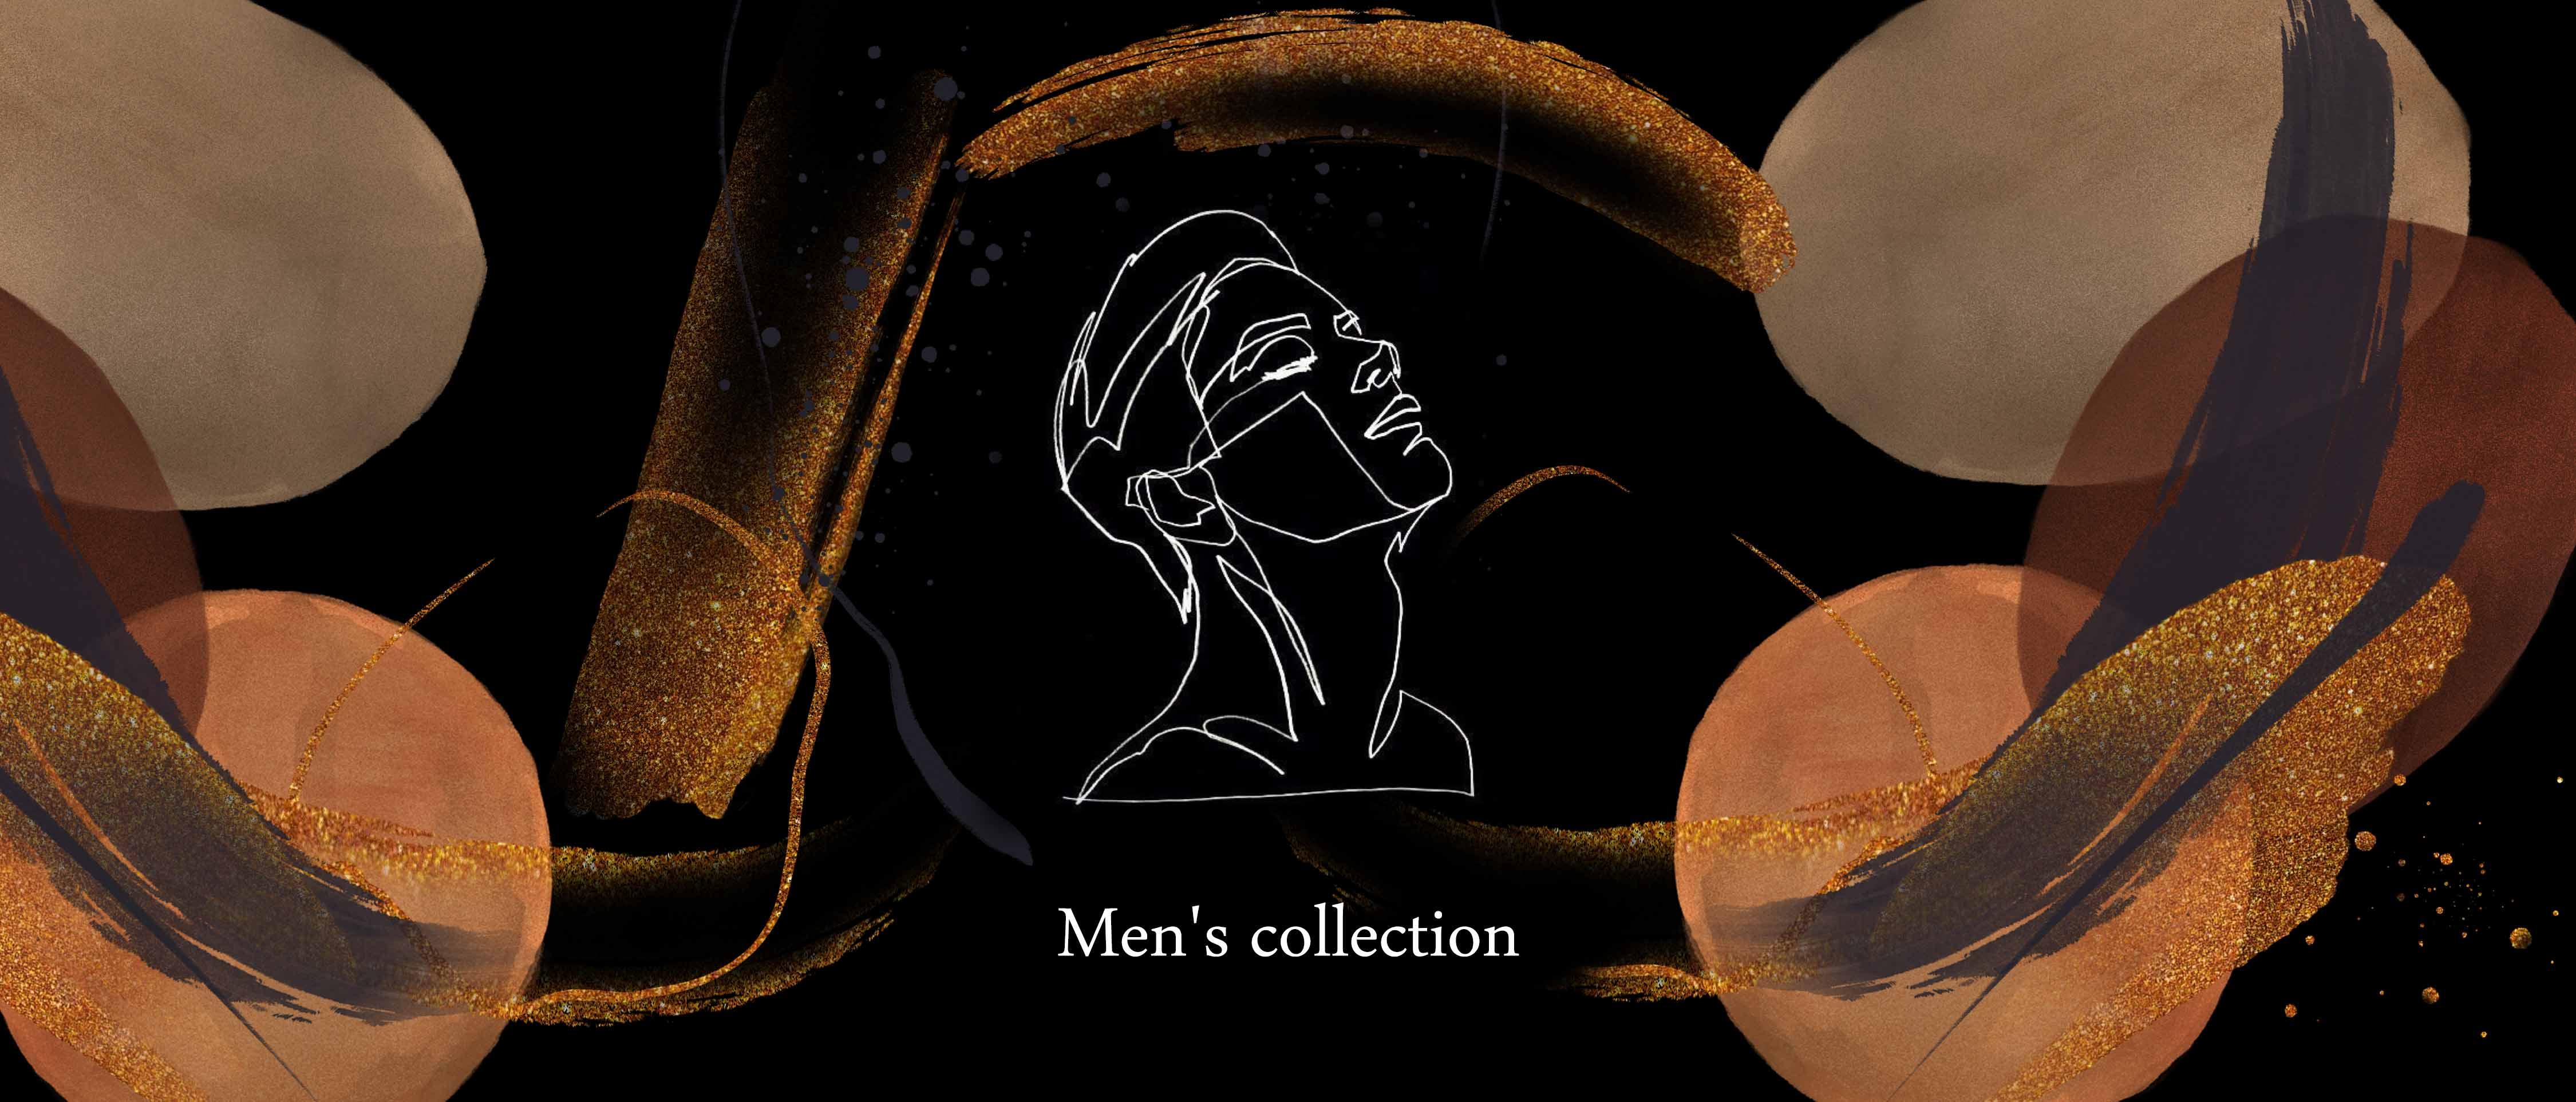 بنر مردانه صفحه نخست